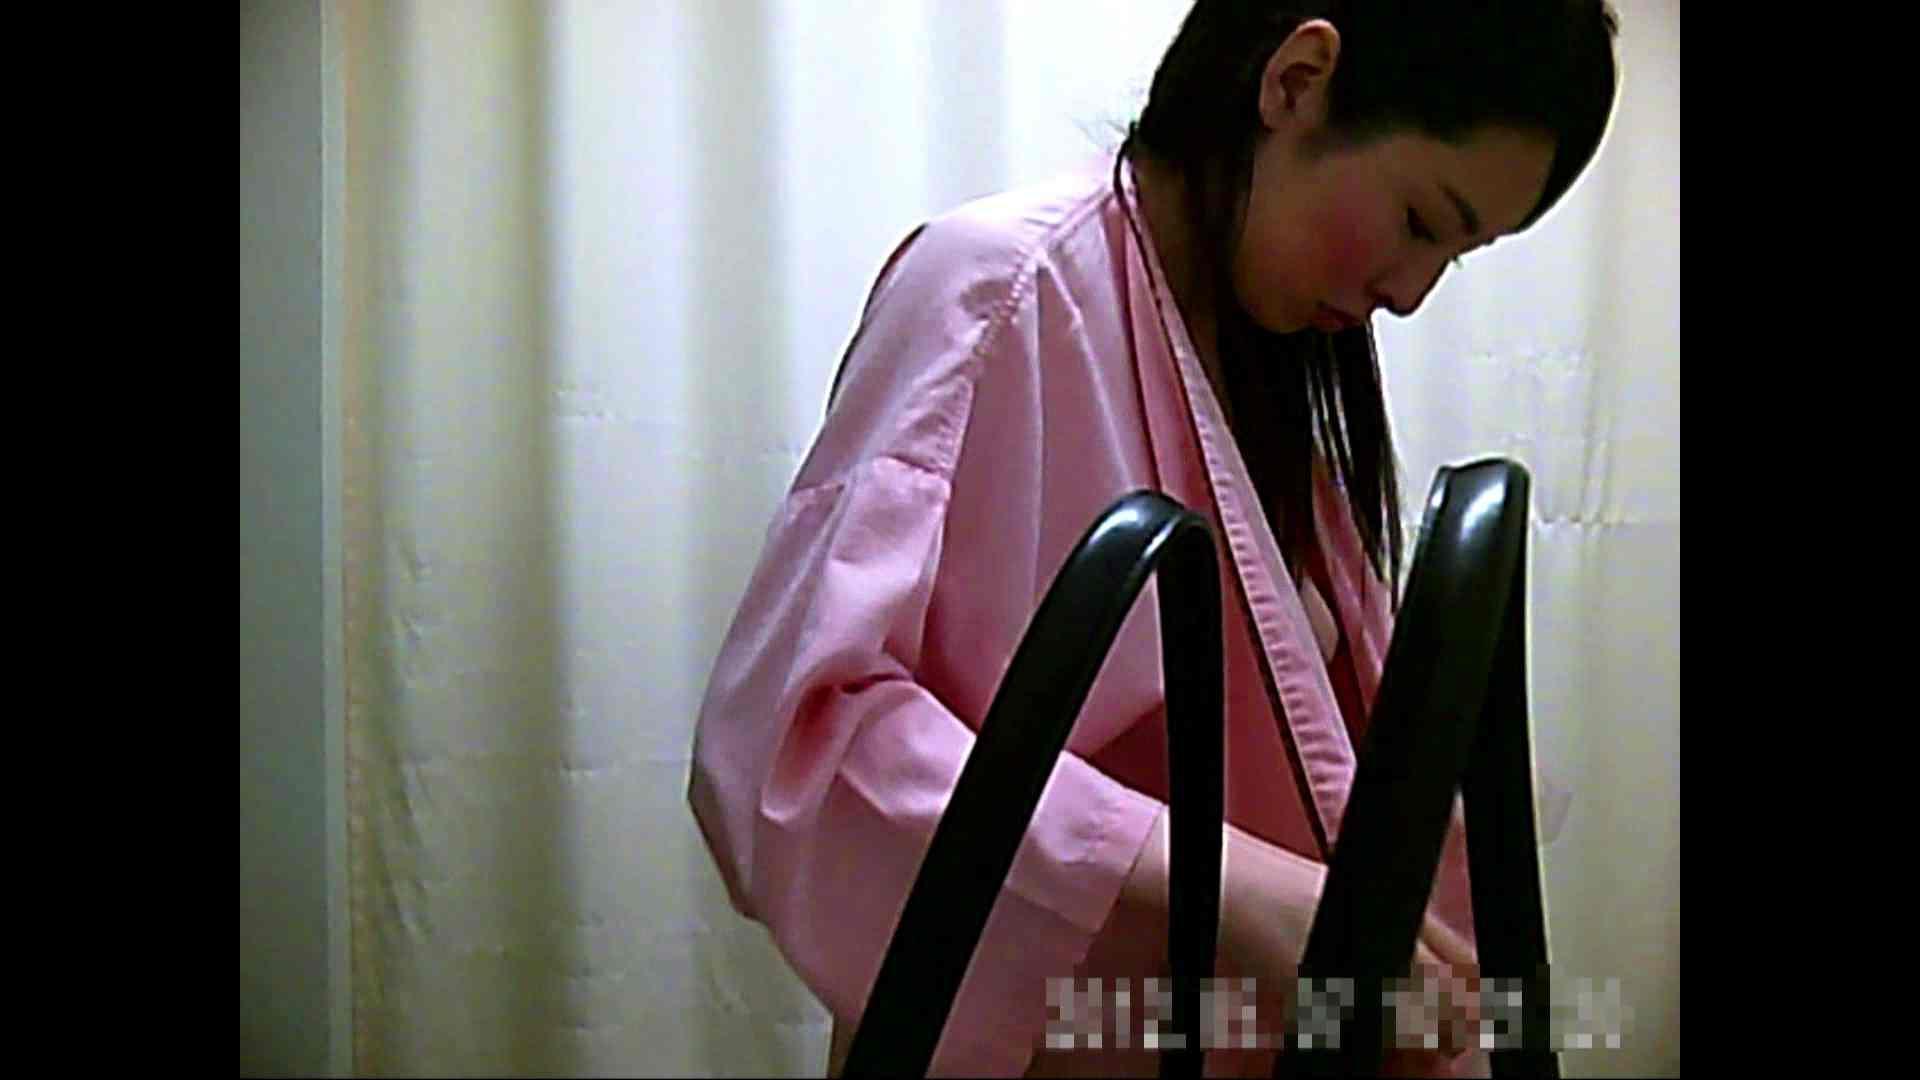 元医者による反抗 更衣室地獄絵巻 vol.003 OL女体 | 0  91連発 89